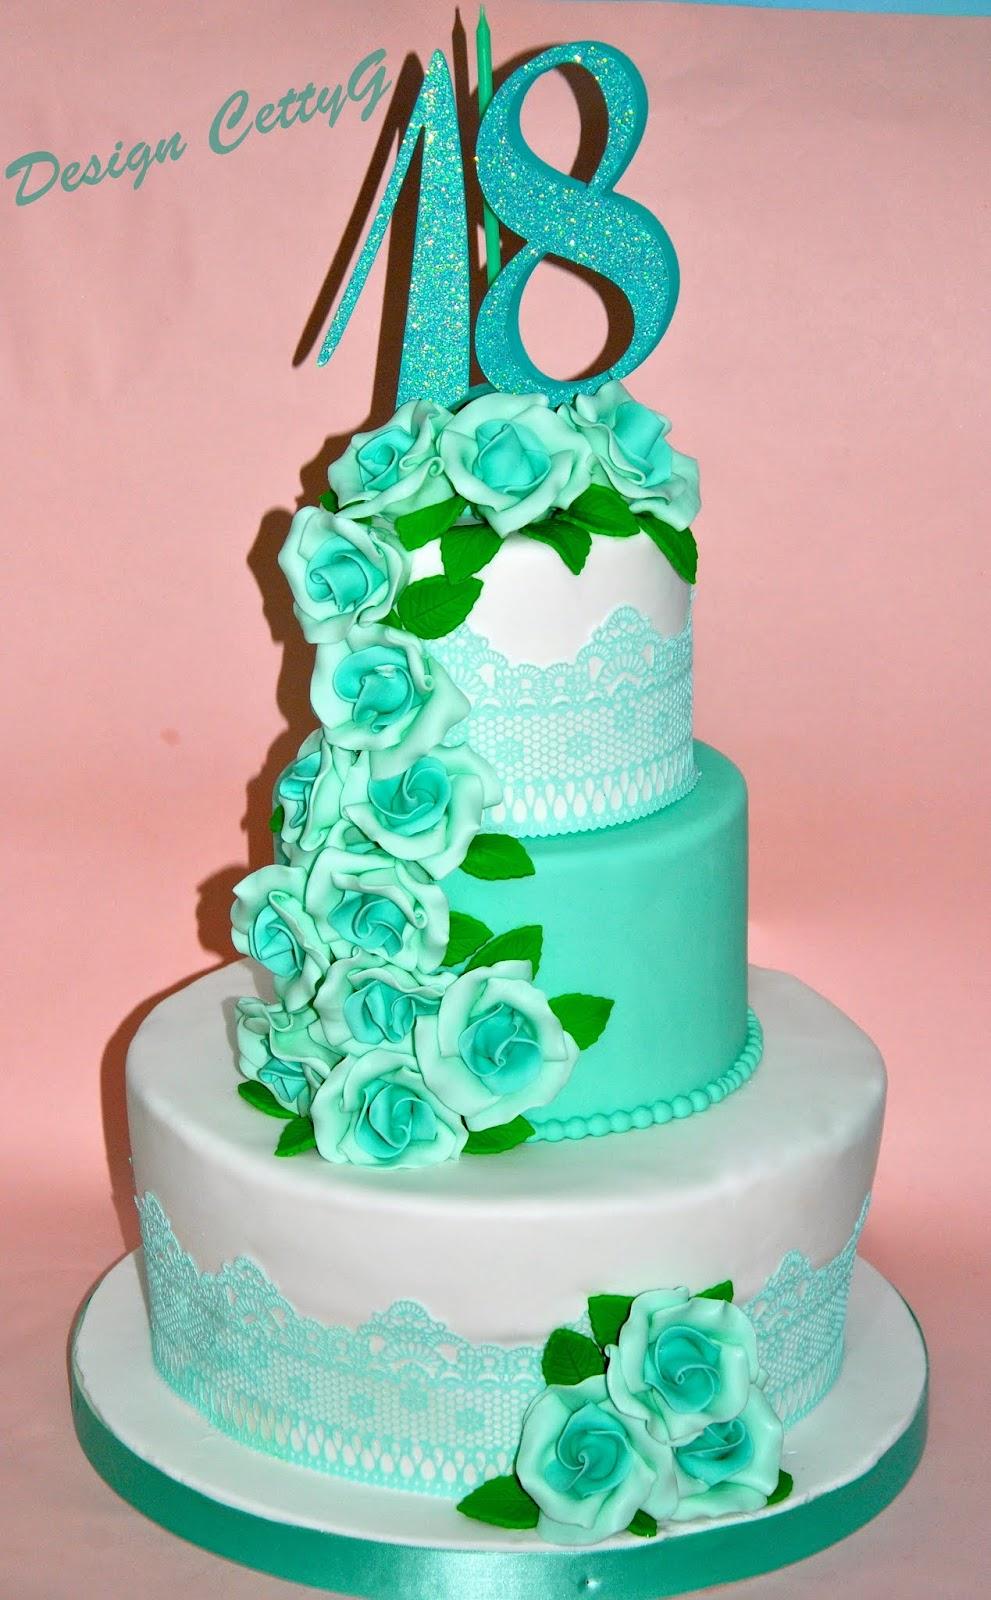 Le torte decorate di cetty g 18 compleanno tiffany for Torte per 18 anni maschile